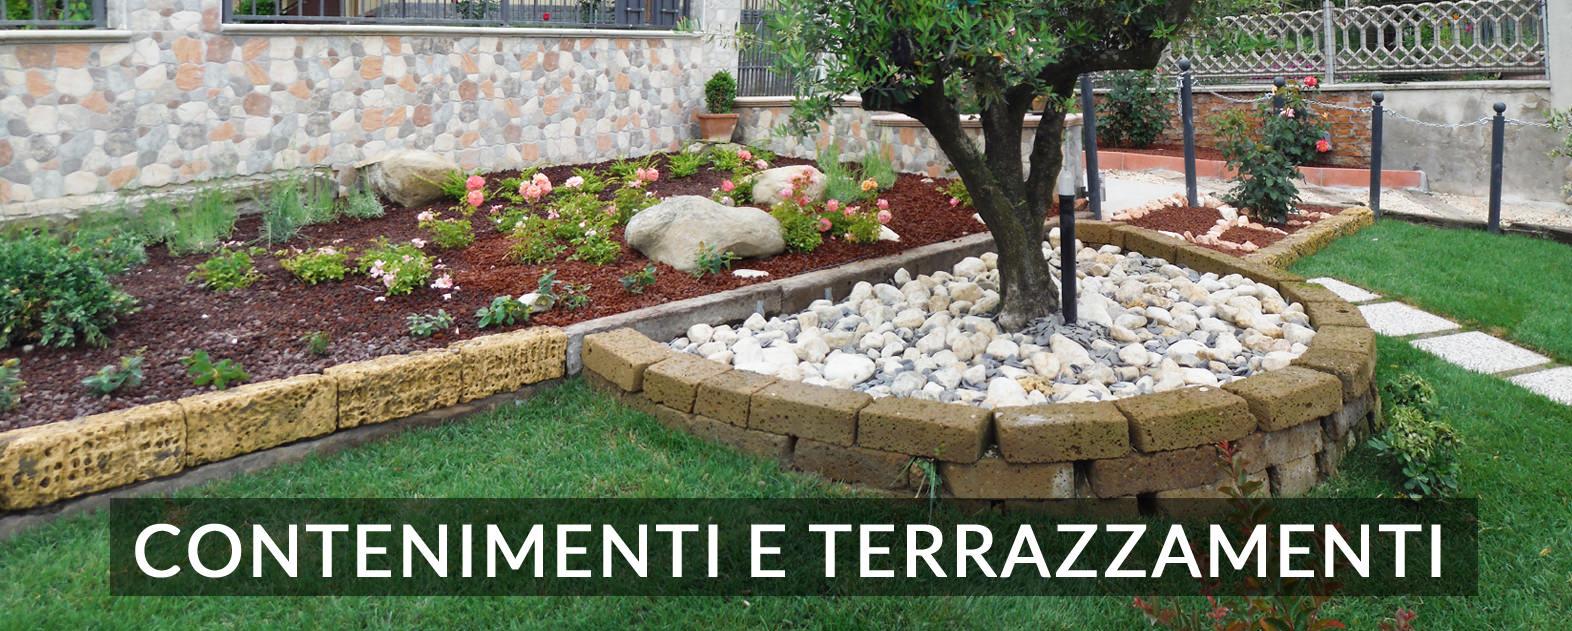 Junior garden contenimento del terreno e terrazzamenti - Terrazzamenti giardino ...